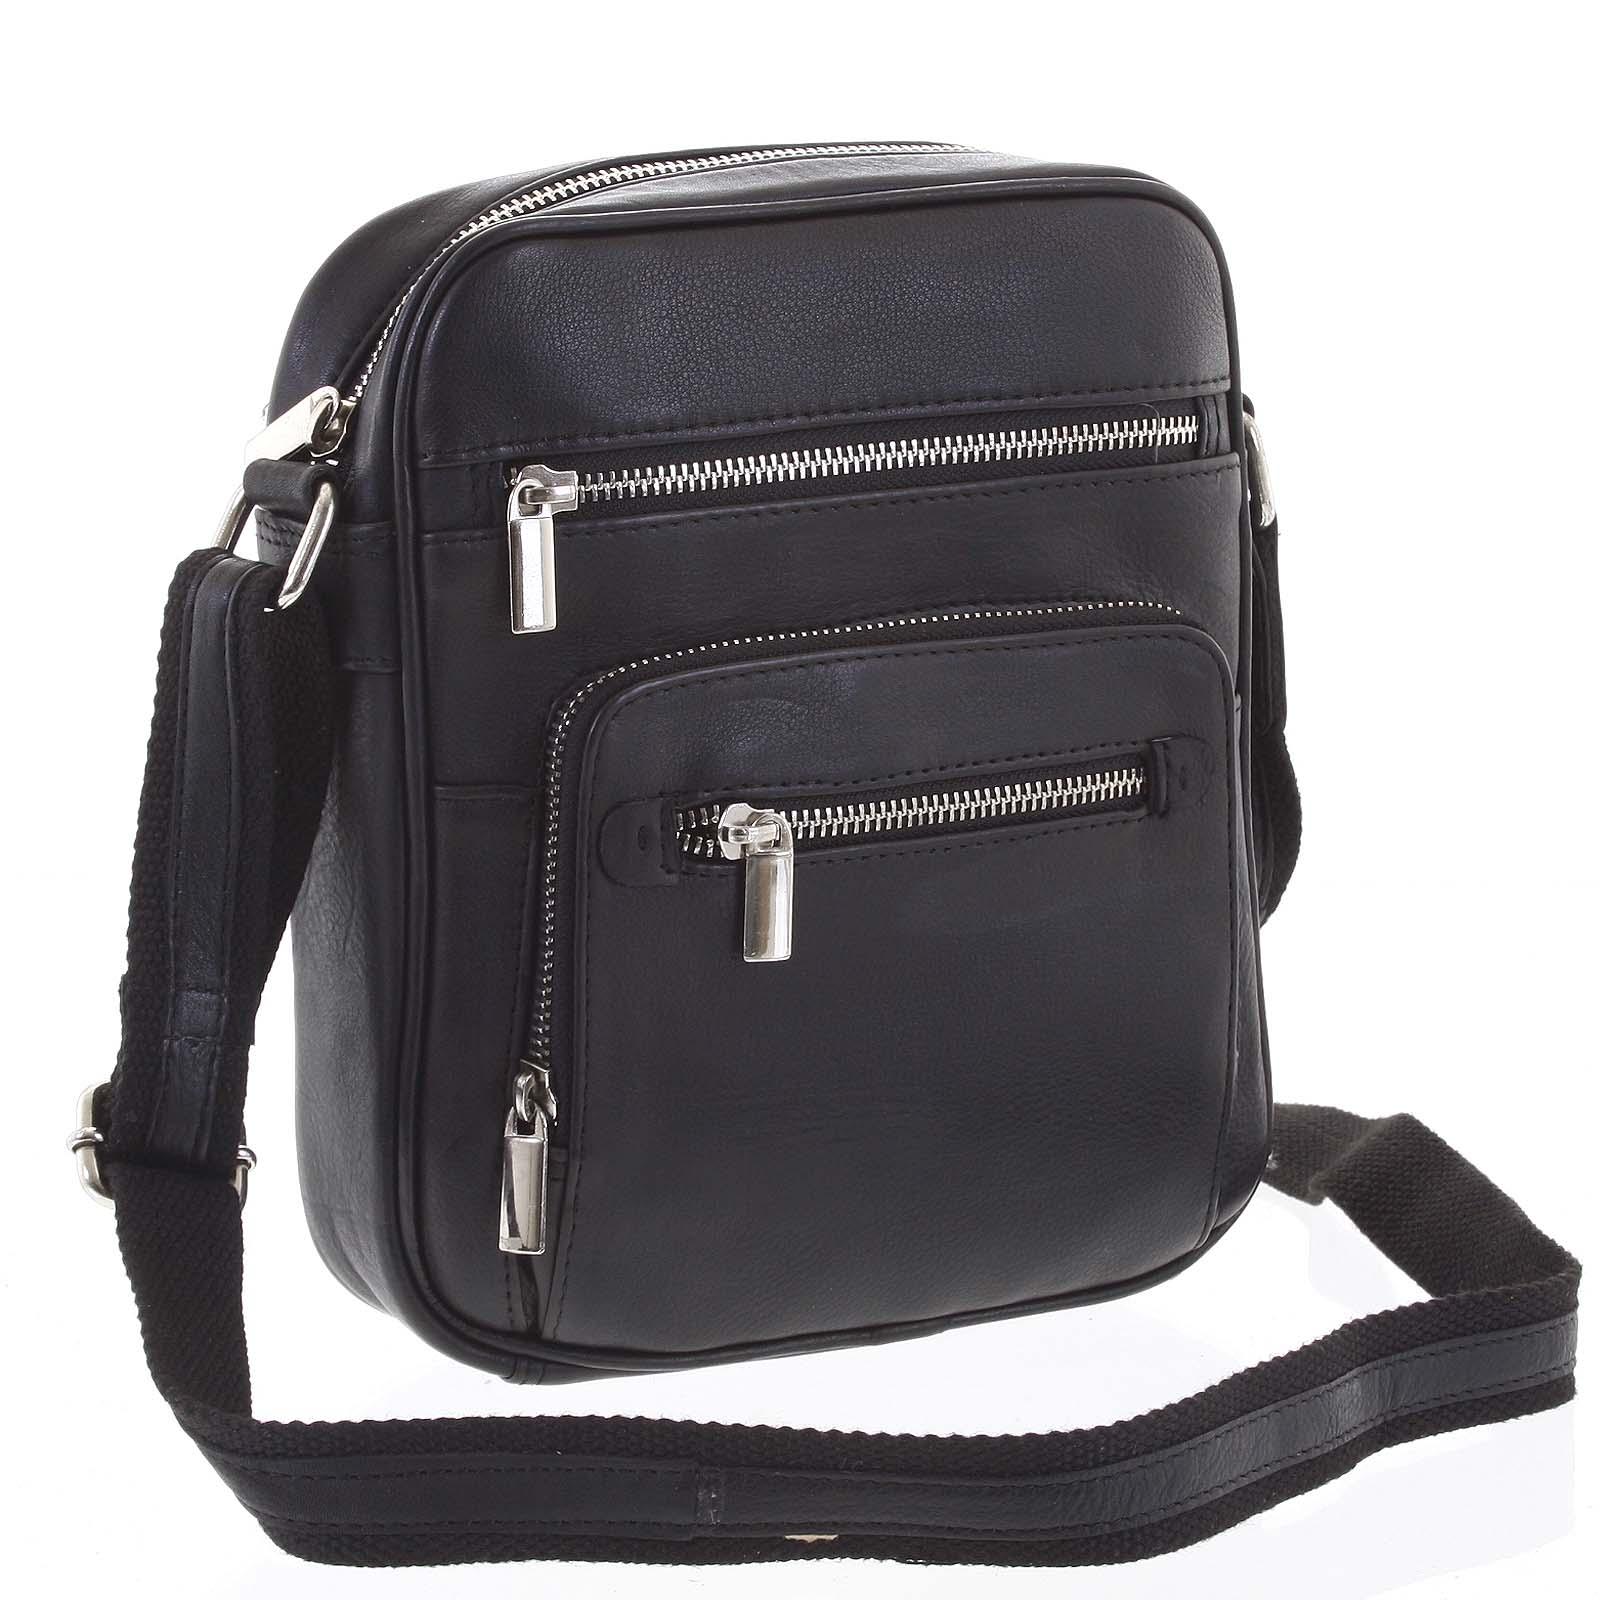 Módní pánská crossbody kožená taška na doklady černá - WILD Andric